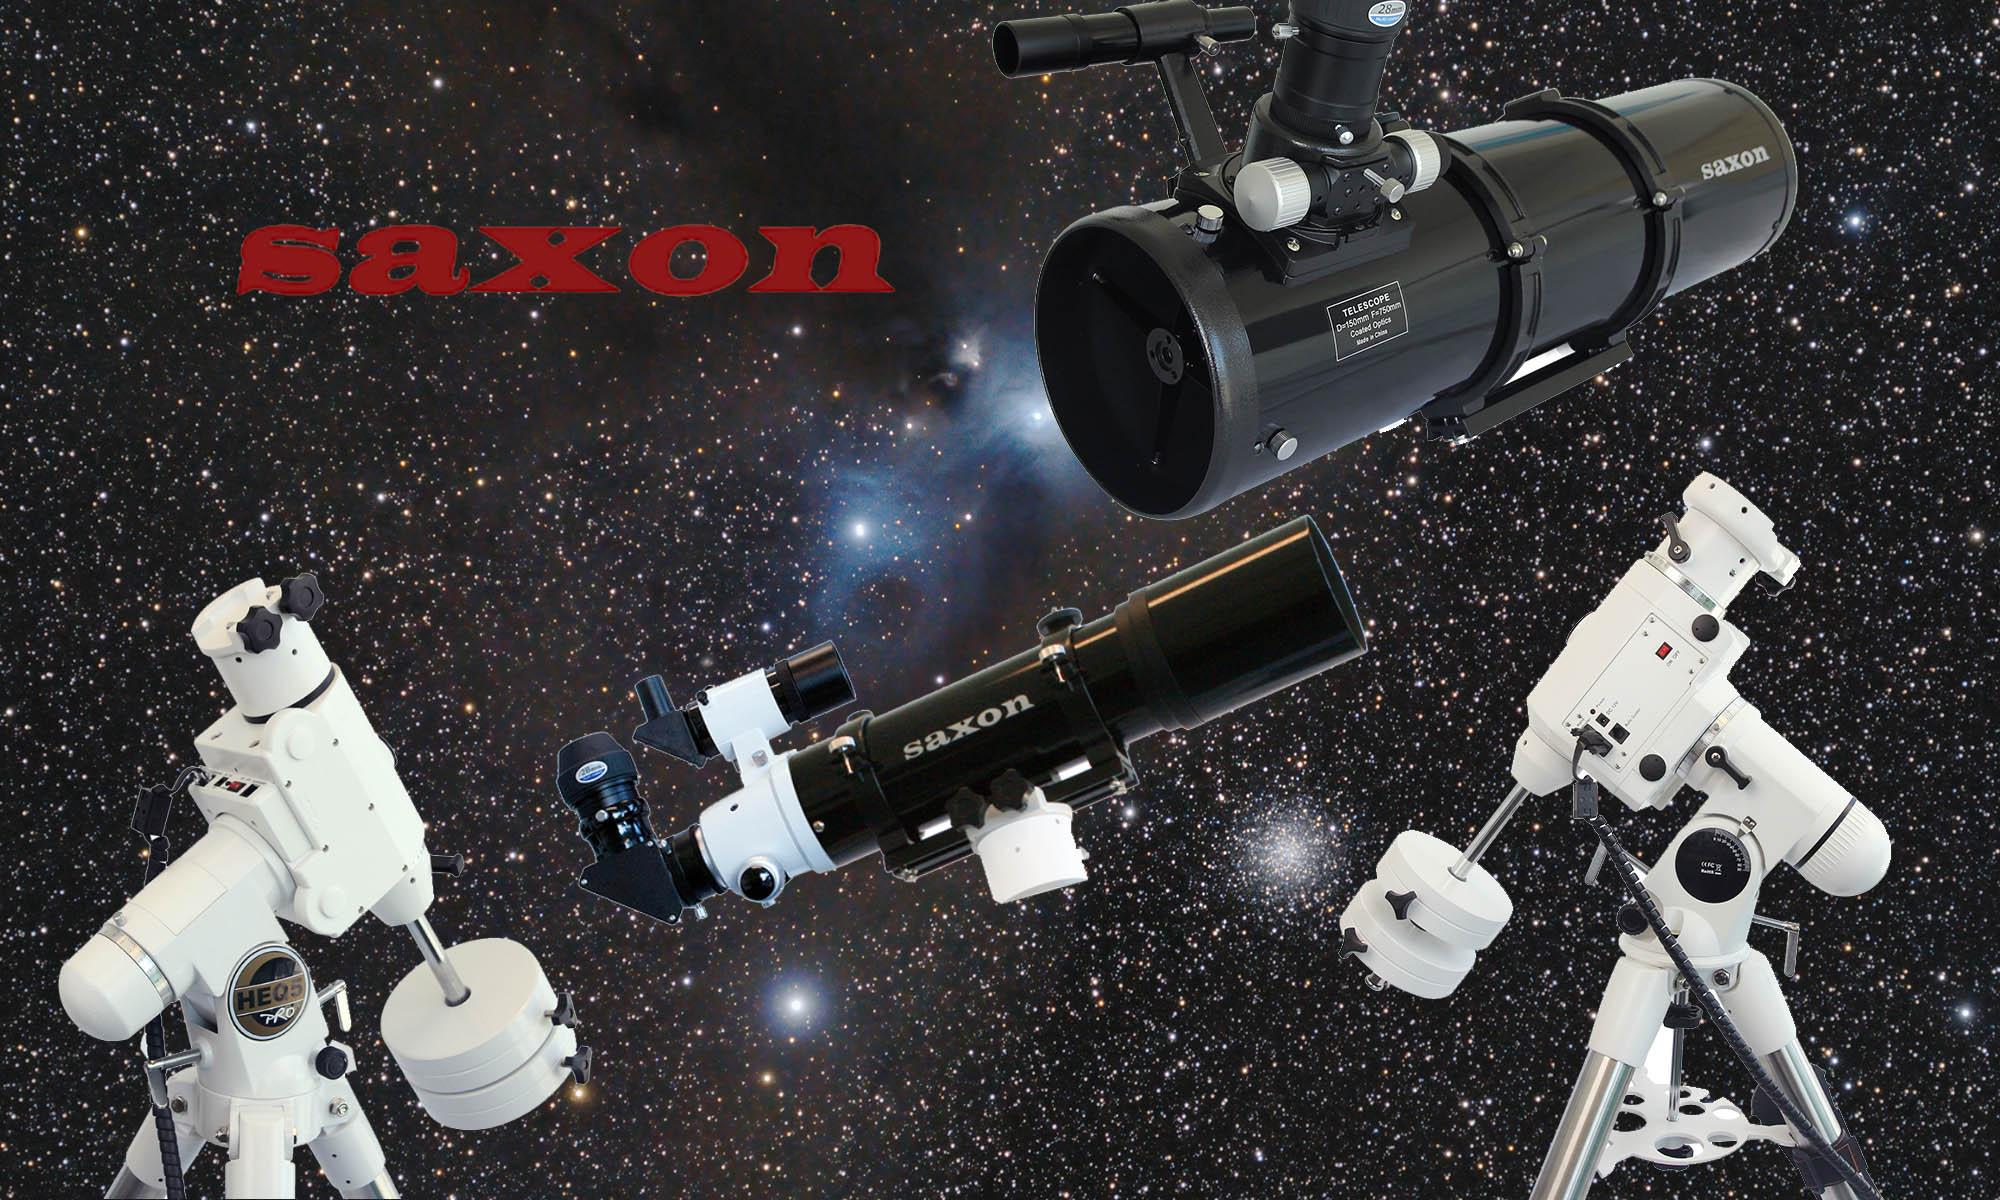 Saxon Telescopes and Mounts